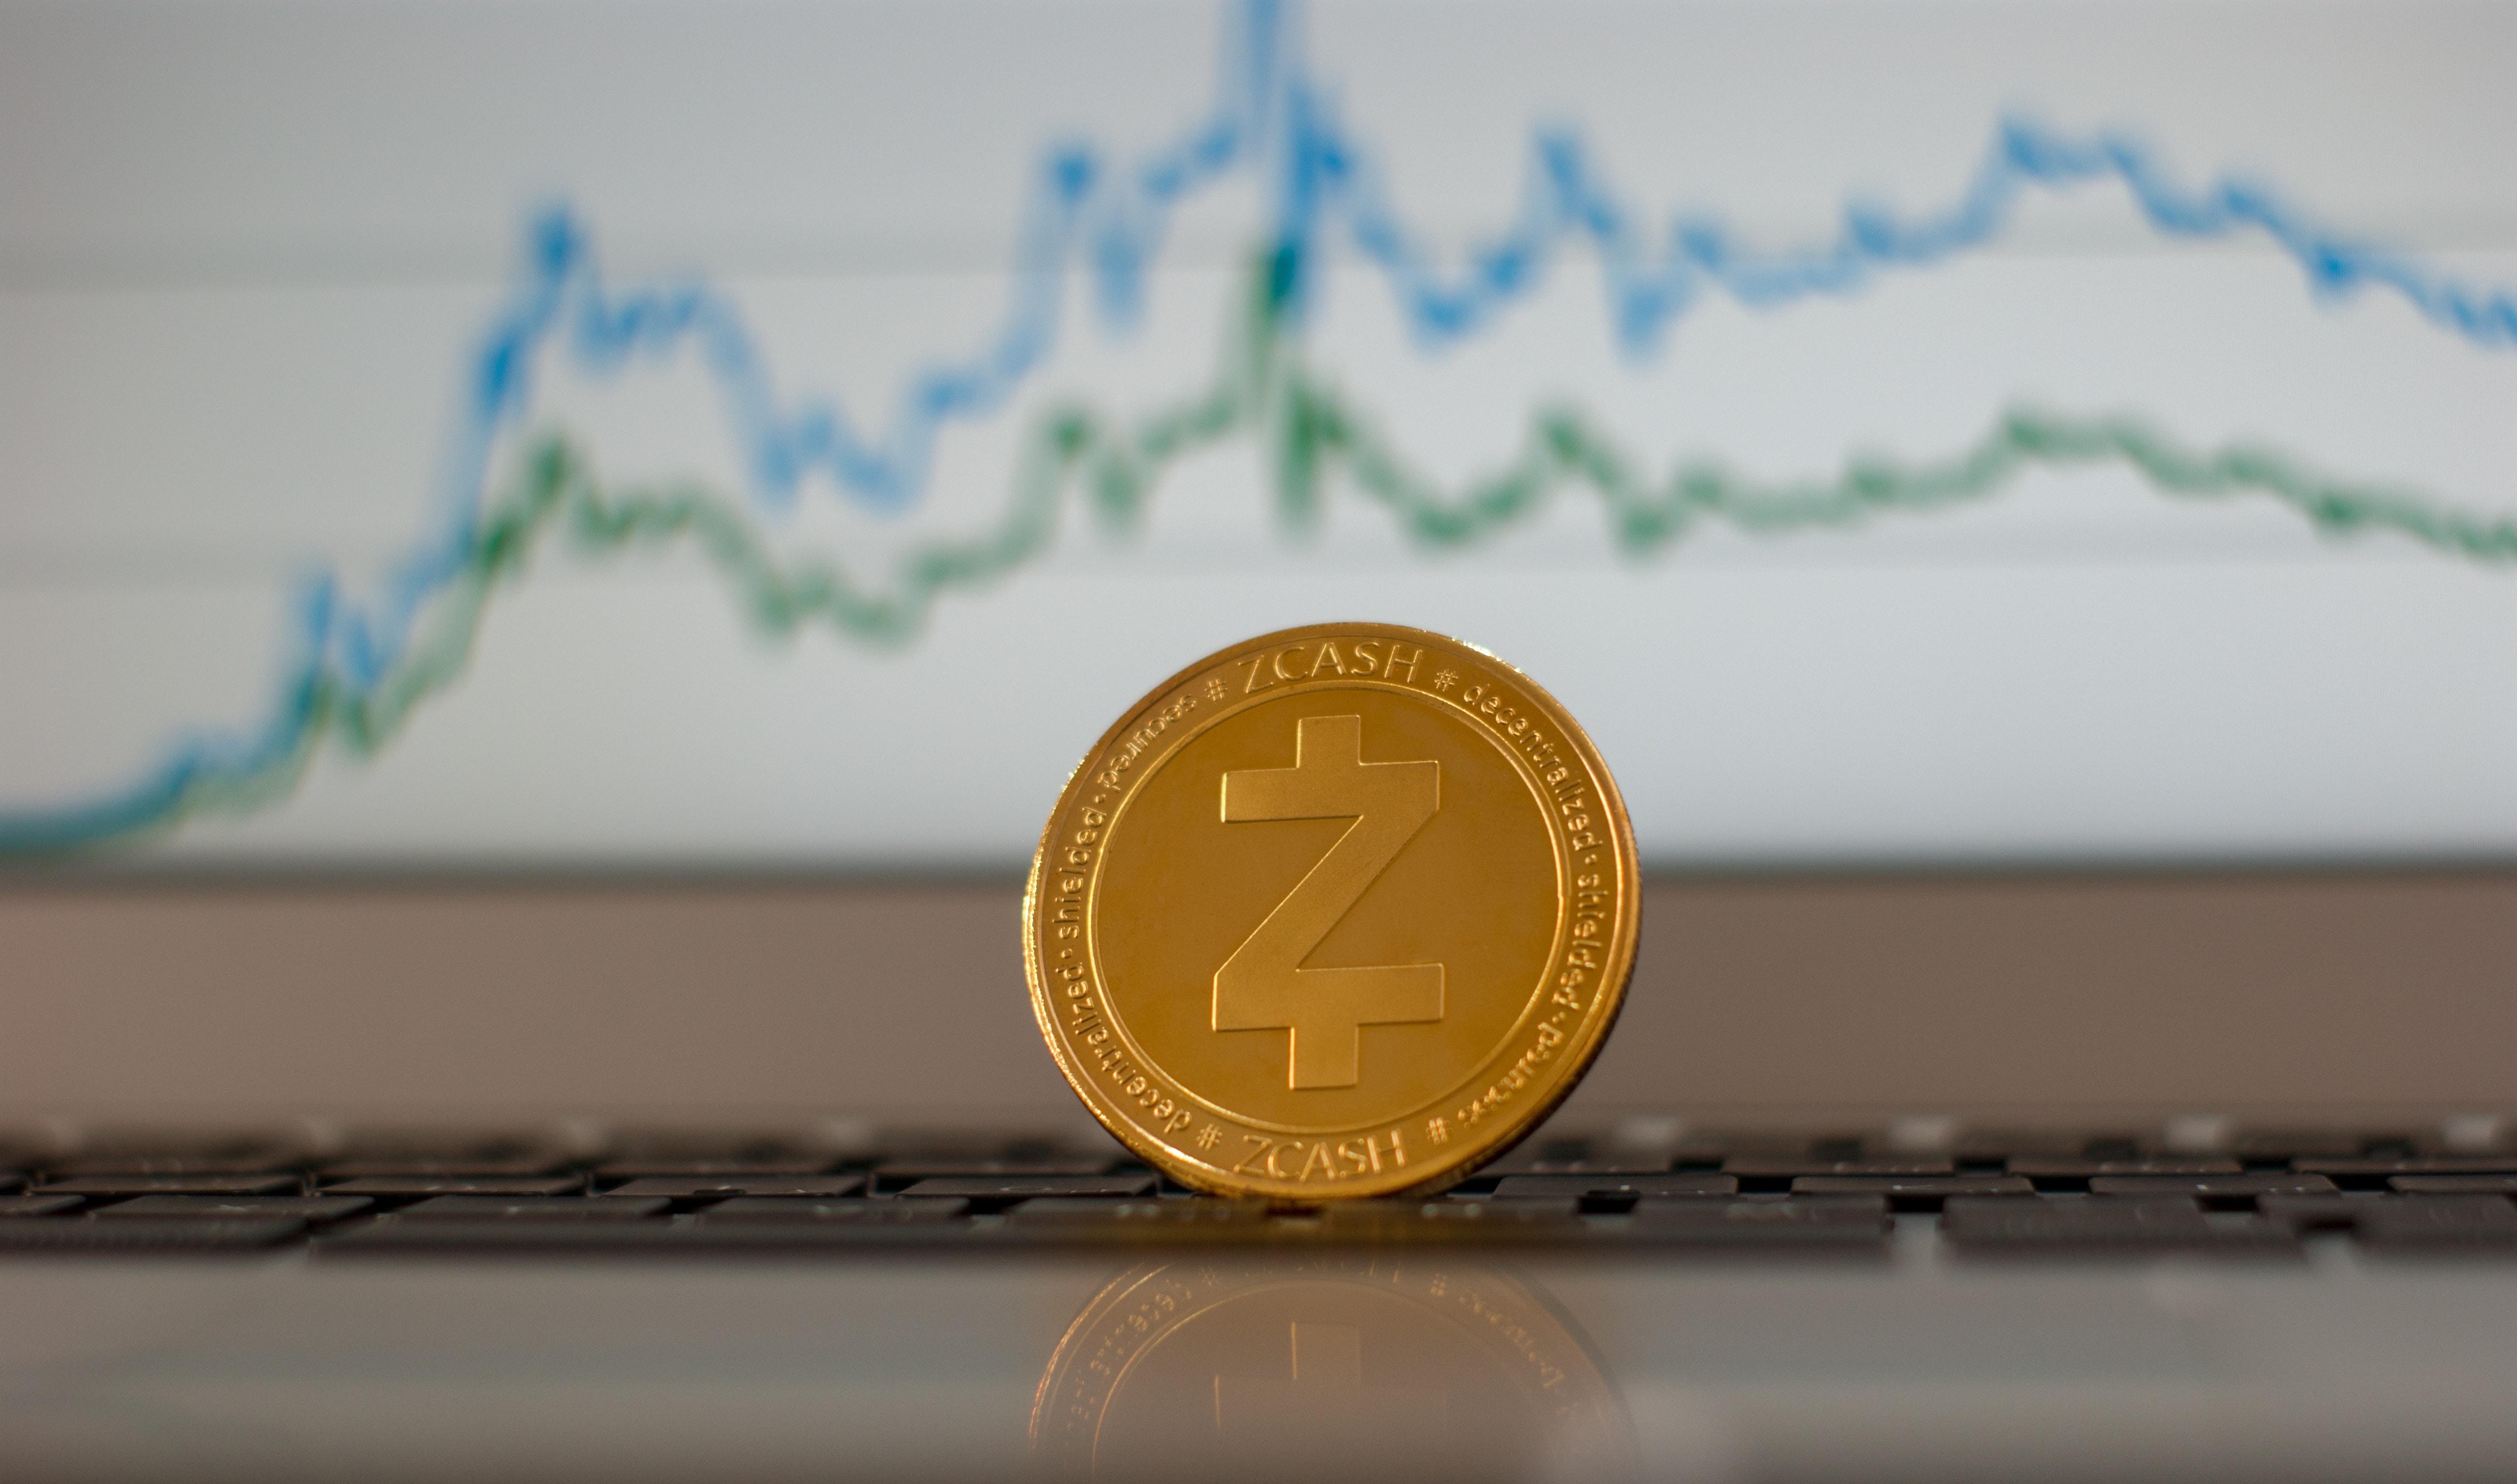 criptonoticias.com - Glenda González - Hashrate de Zcash aumentó 50% en los primeros meses de 2019   CriptoNoticias - Bitcoin, blockchains y criptoactivos